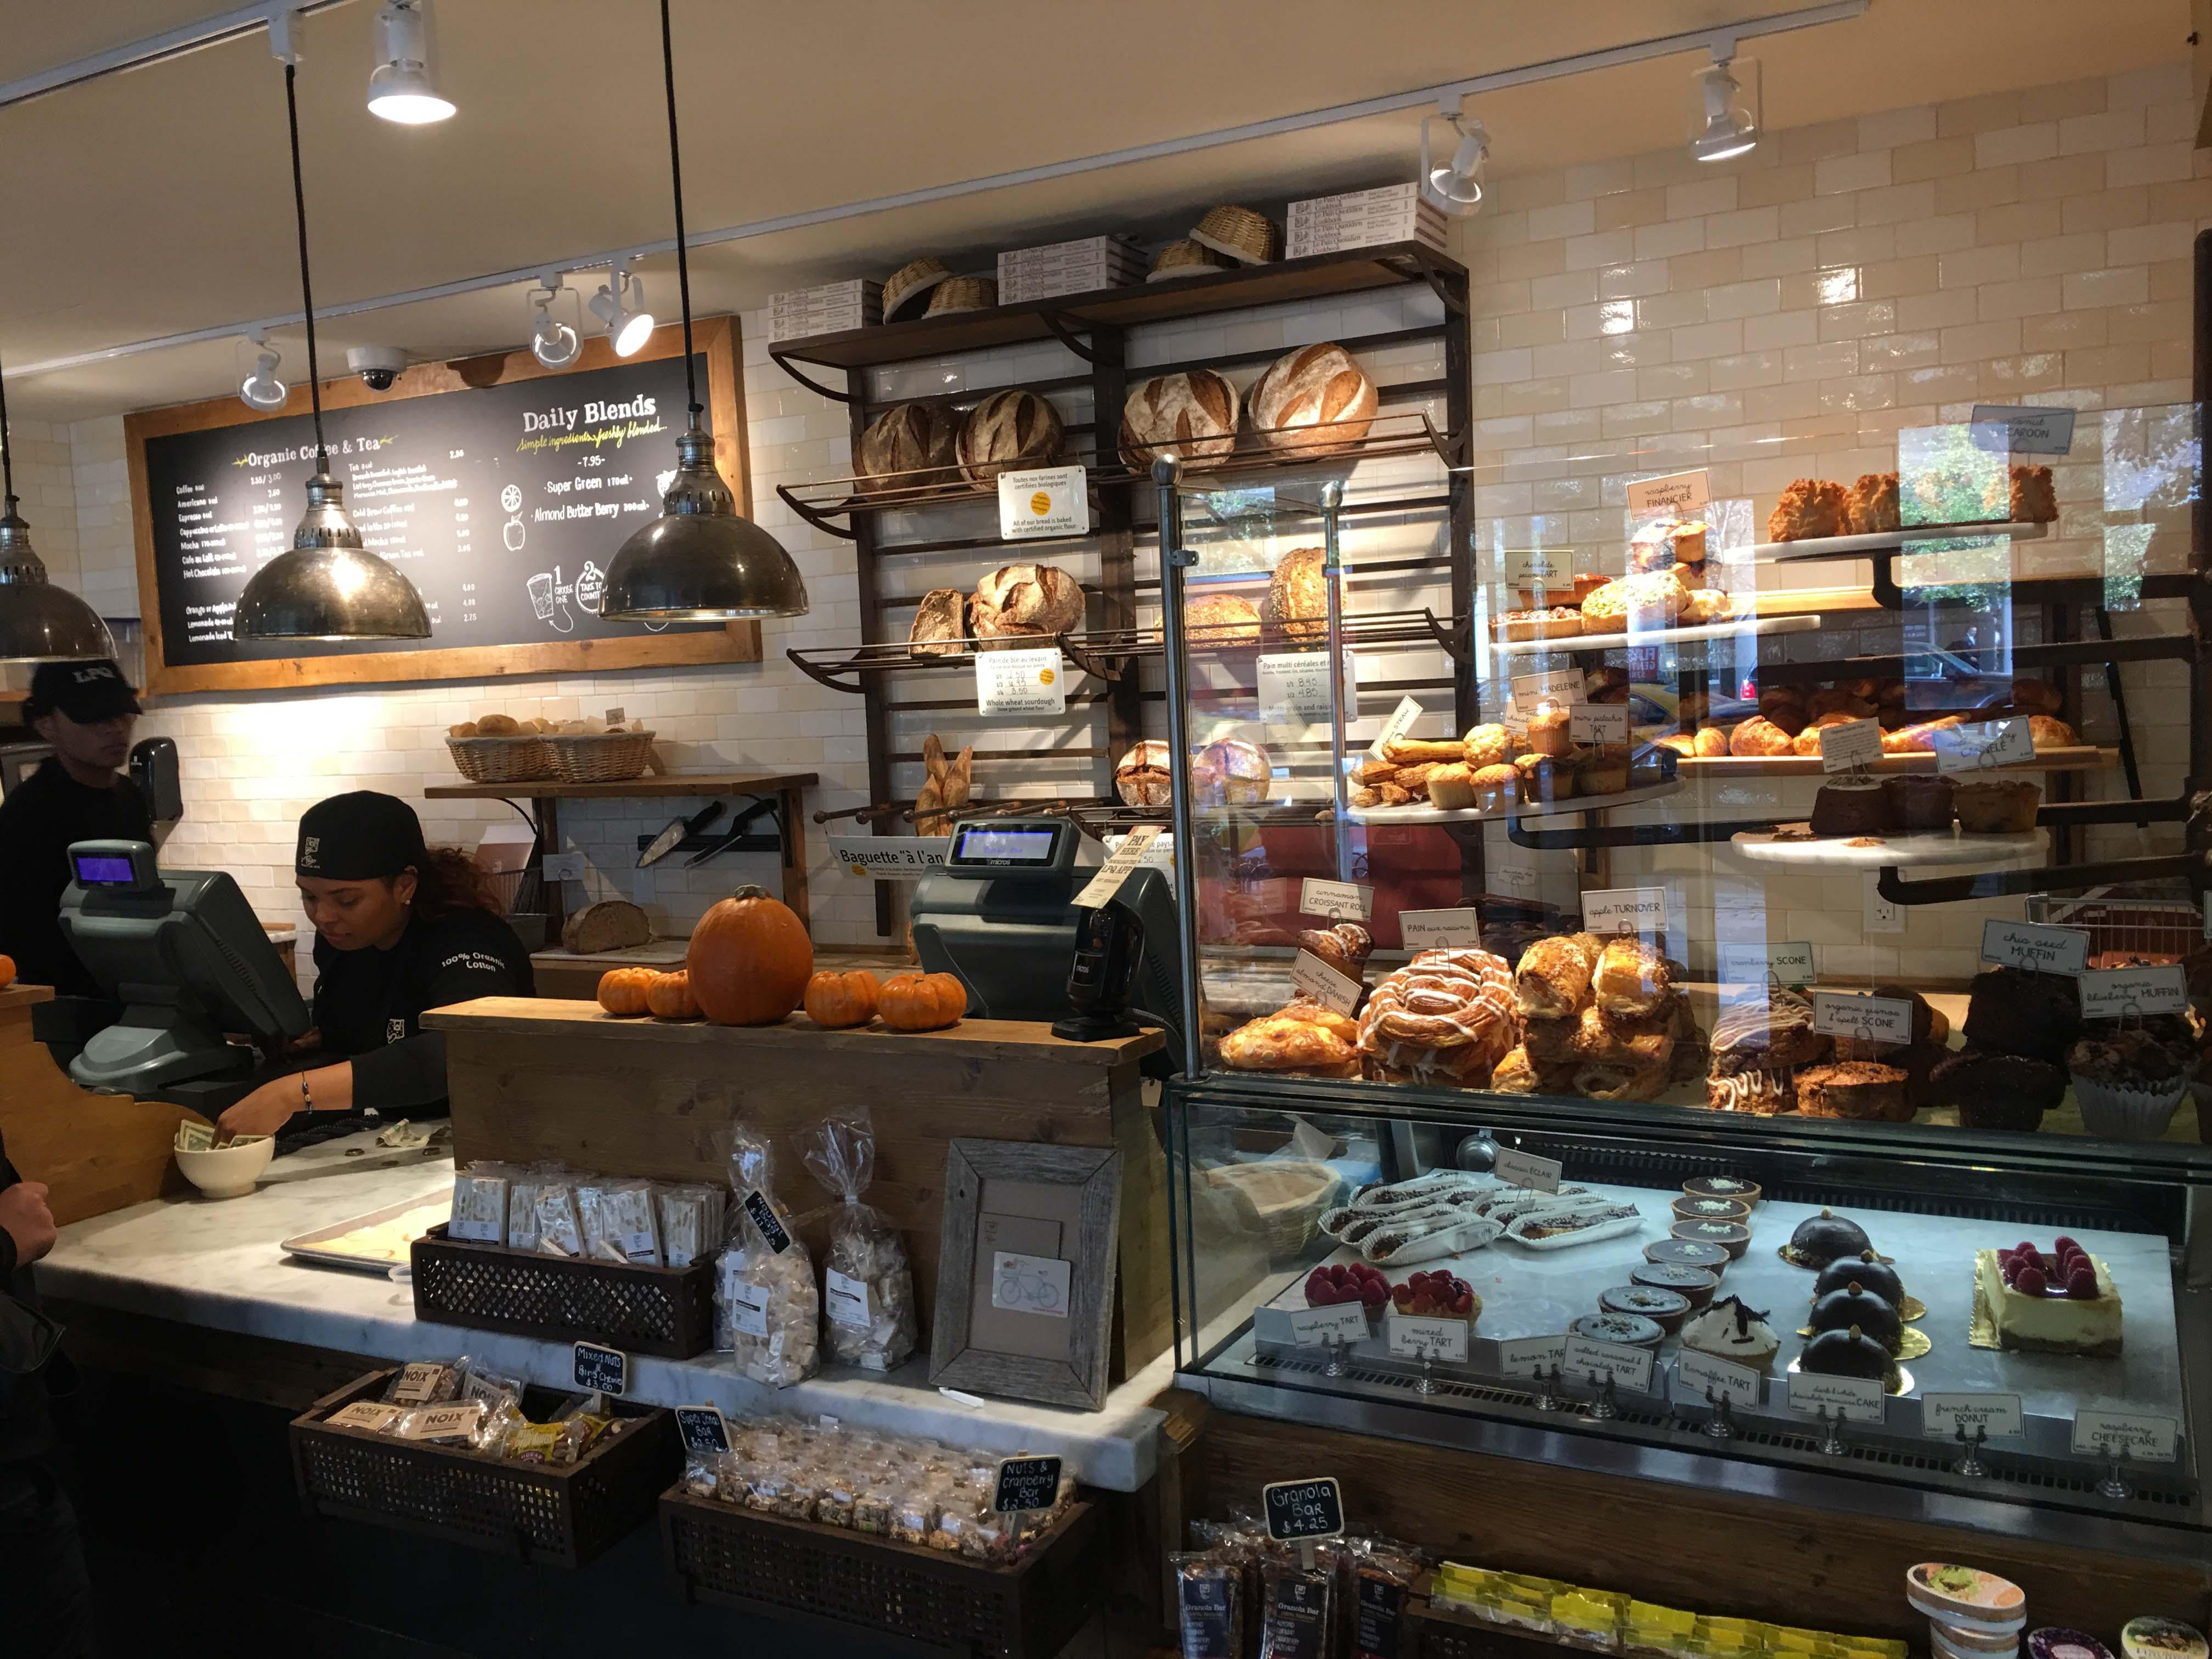 le-pain-quotidein-counter